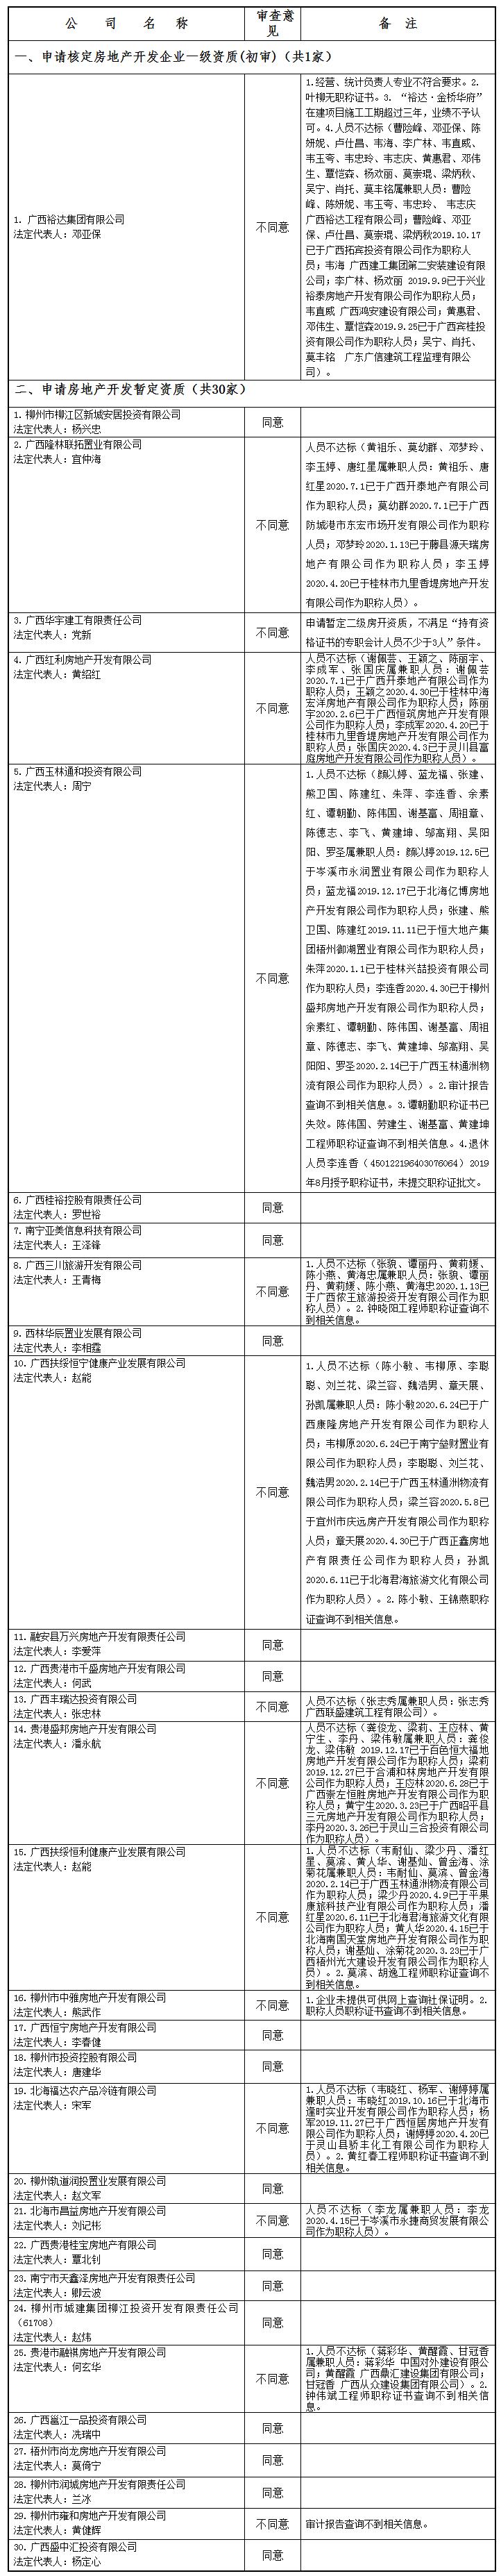 广西建设网--_关于公布2020年第10批房地产企业资质(资格)结果的公告(第1675号).png